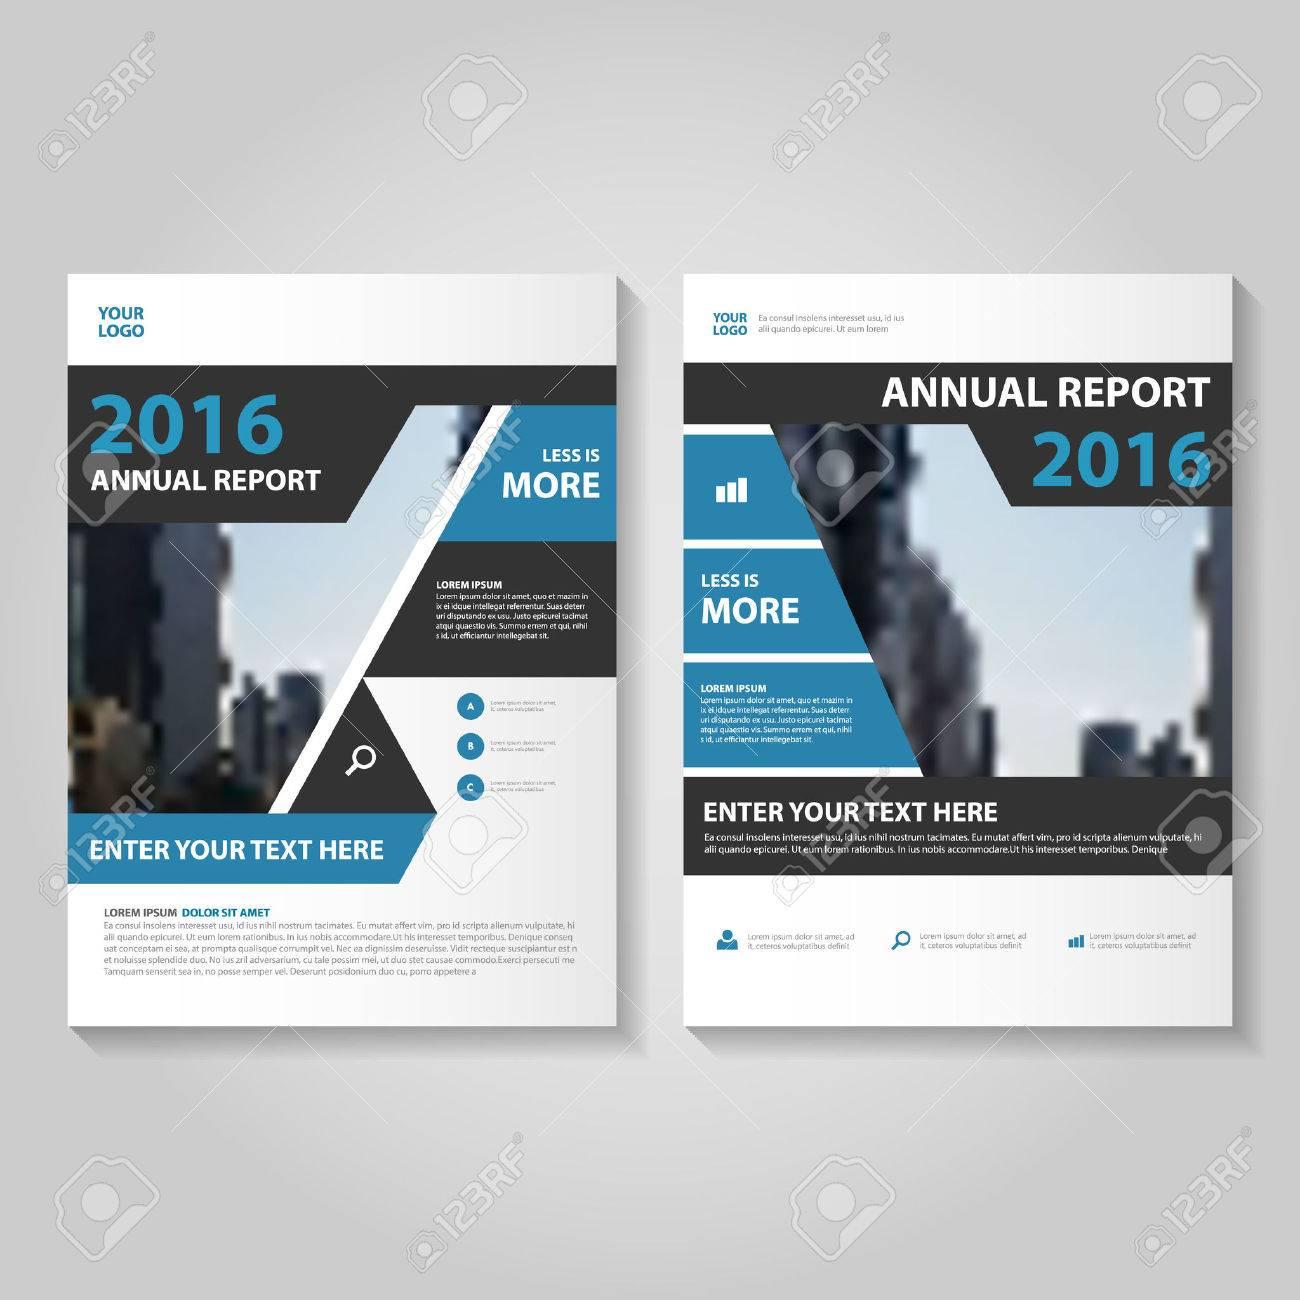 Elegance Blue Black Annual Report Leaflet Brochure Template Design